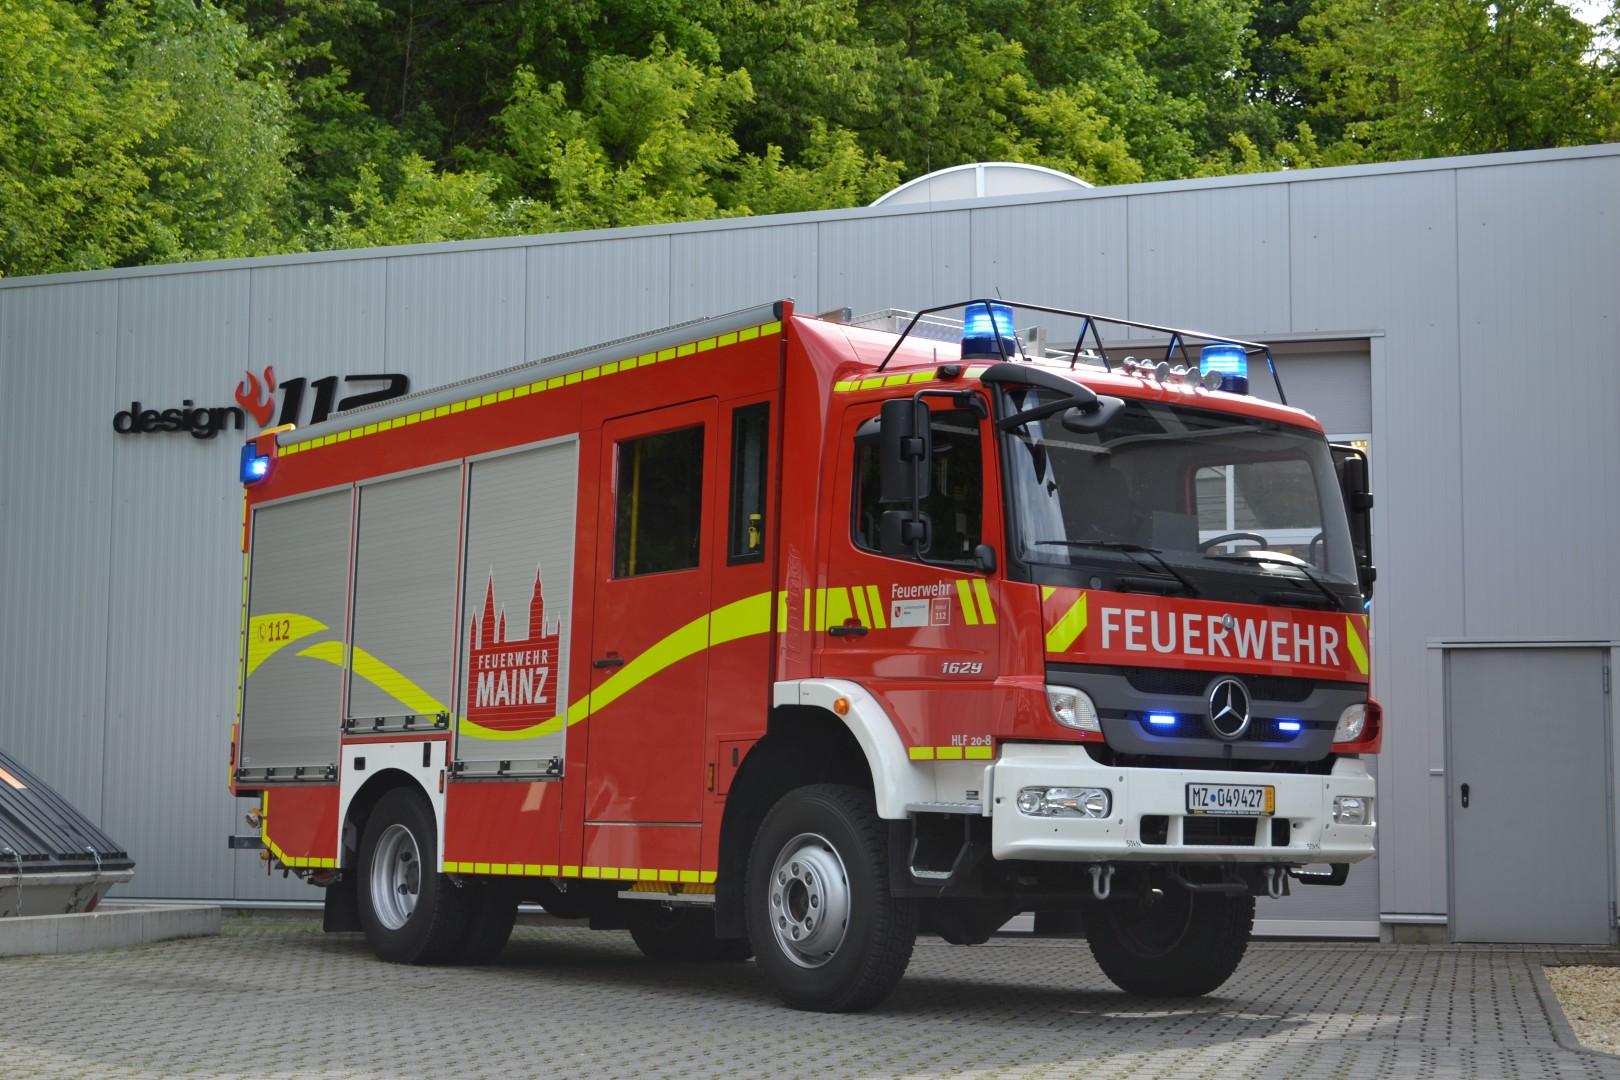 design112-feuerwehr-mainz-hlf-konturmarkierung-large